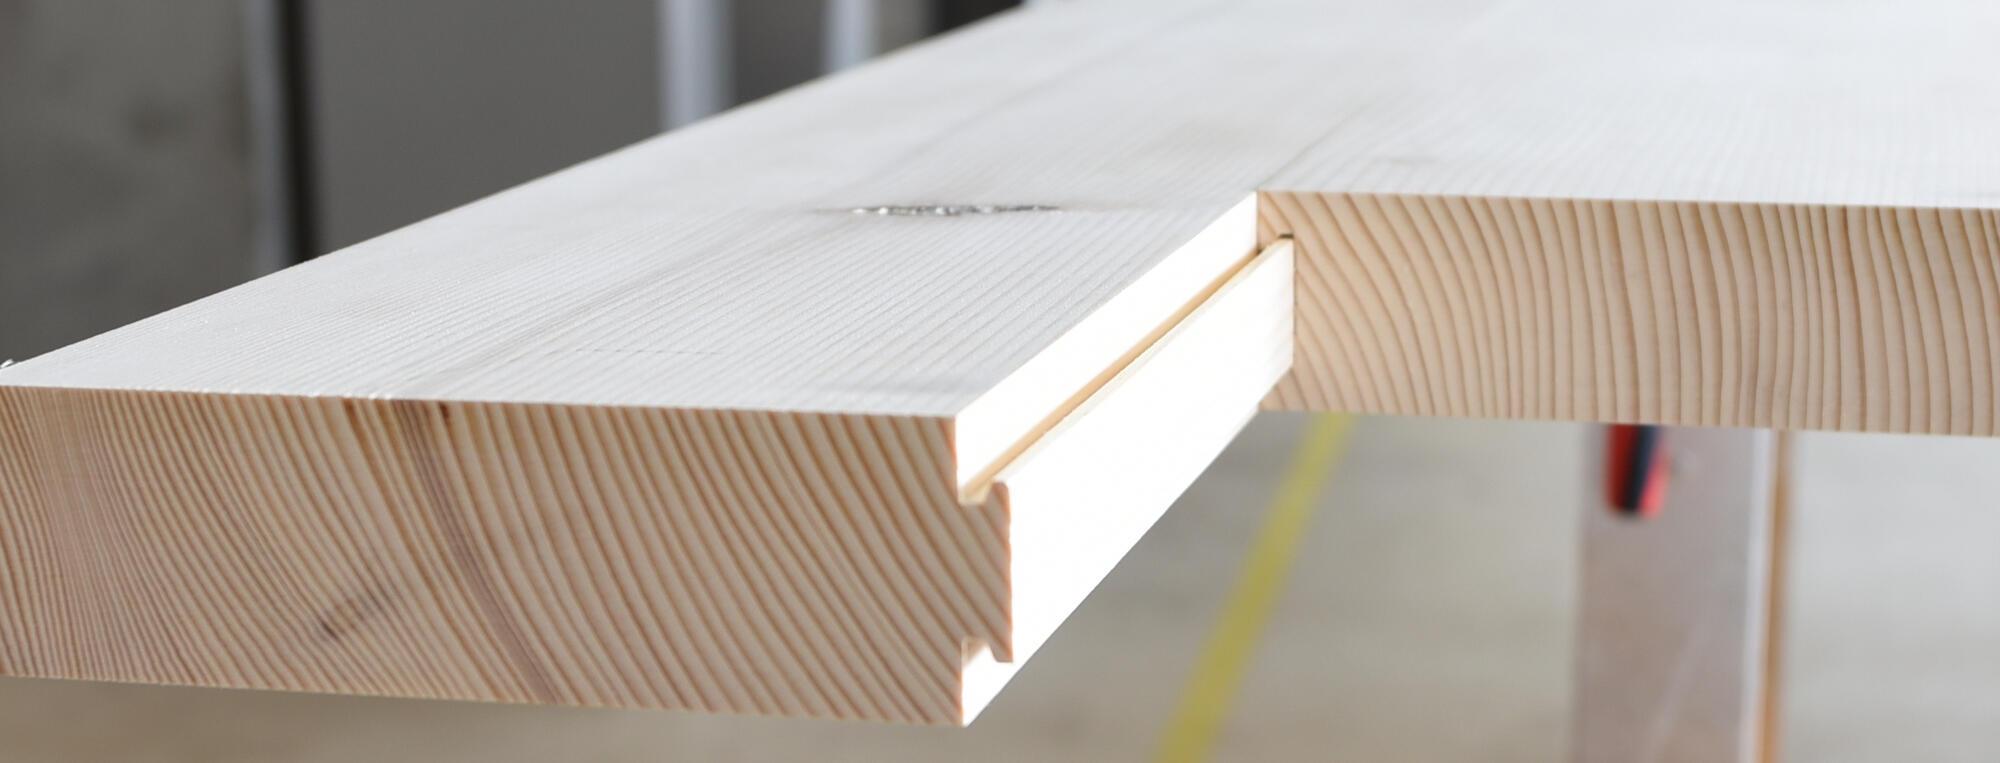 Unsere, zum europäischen Patent angemeldete, Ankernutverbindung wird rationell, mit computergesteuerten Maschinen gefräst. Sie ermöglicht leimfreie Verbindungen für dickere Holzplatten wie zum Beispiel Zimmertüren.